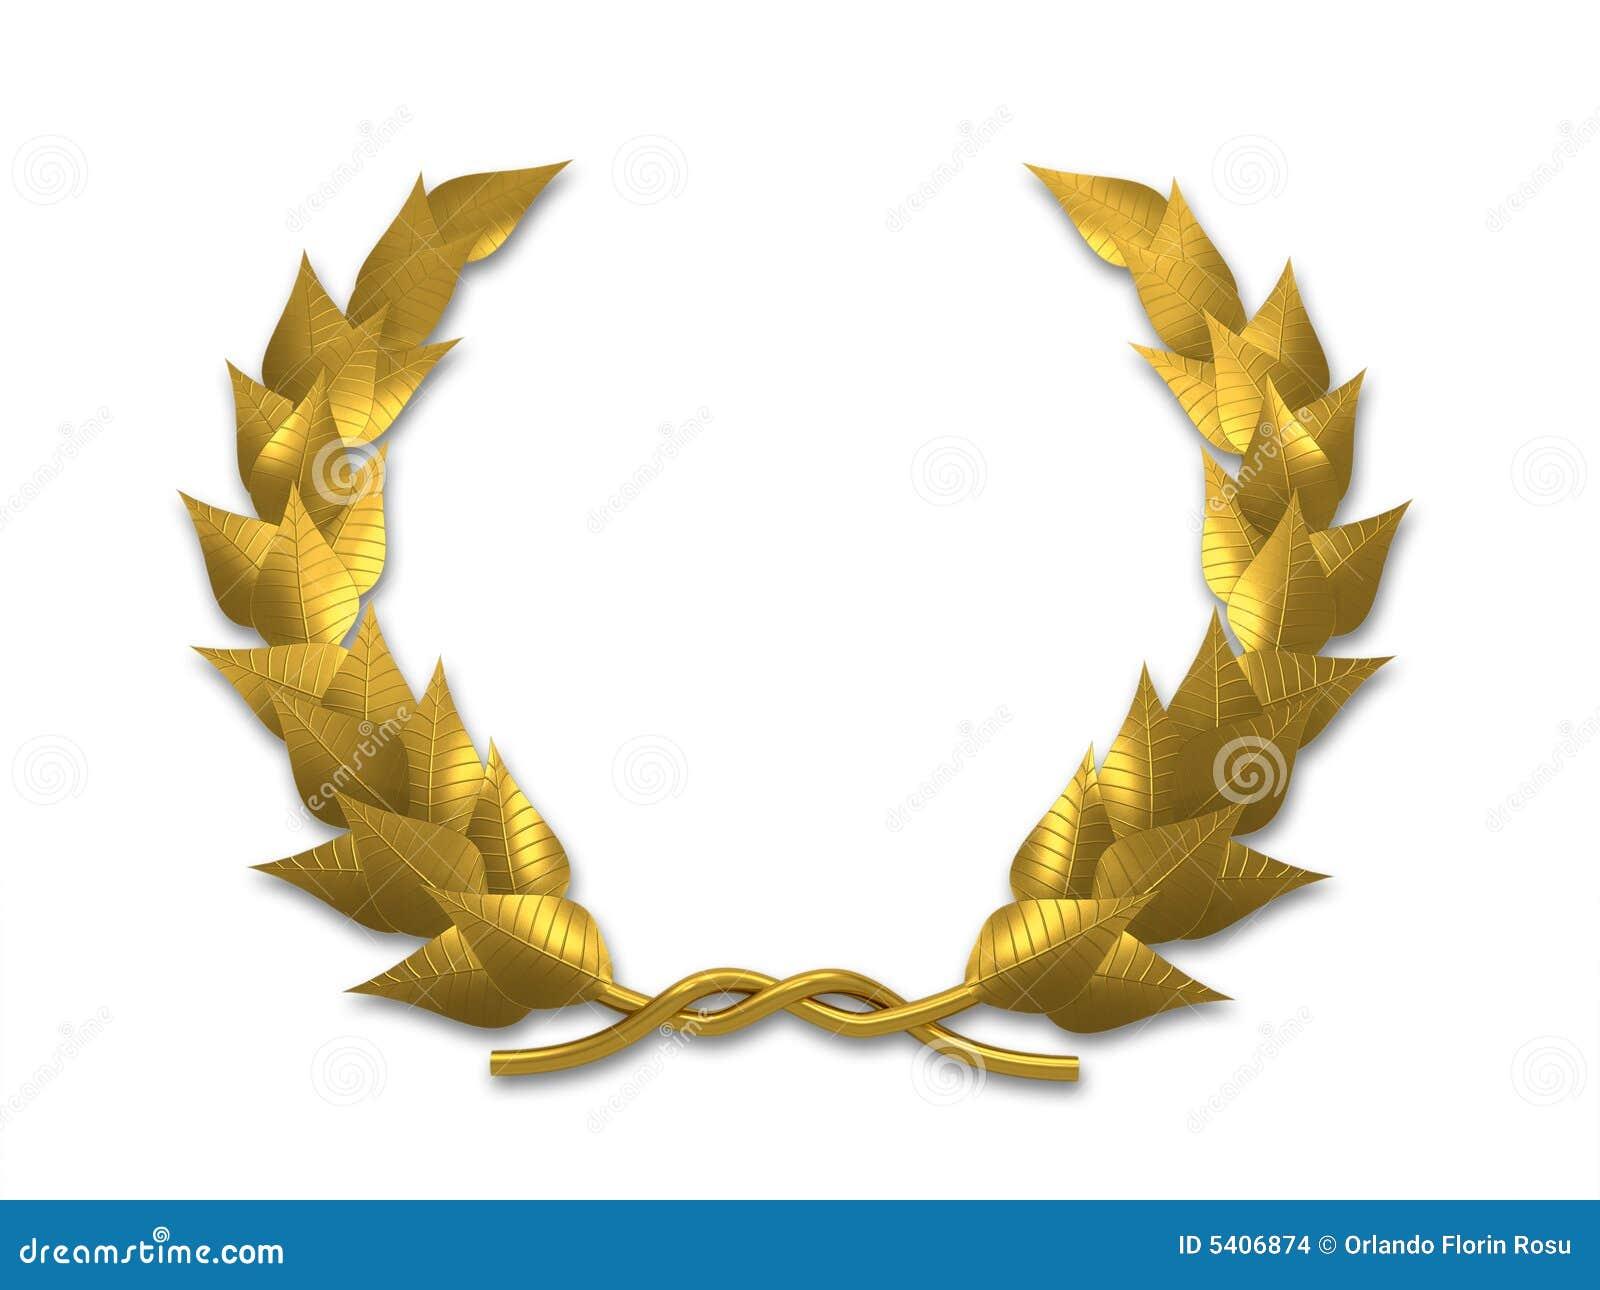 golden leaf crest on white background - 3d render.